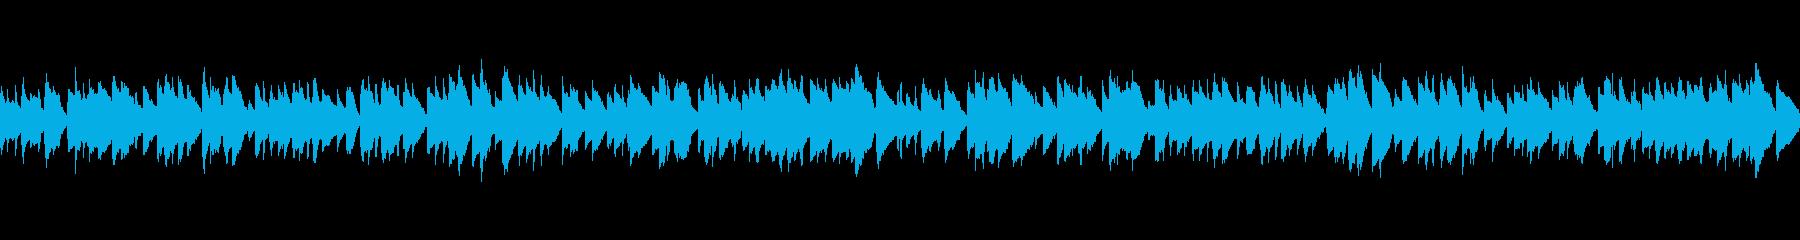 トロピカル ゆったりしたギターループの再生済みの波形